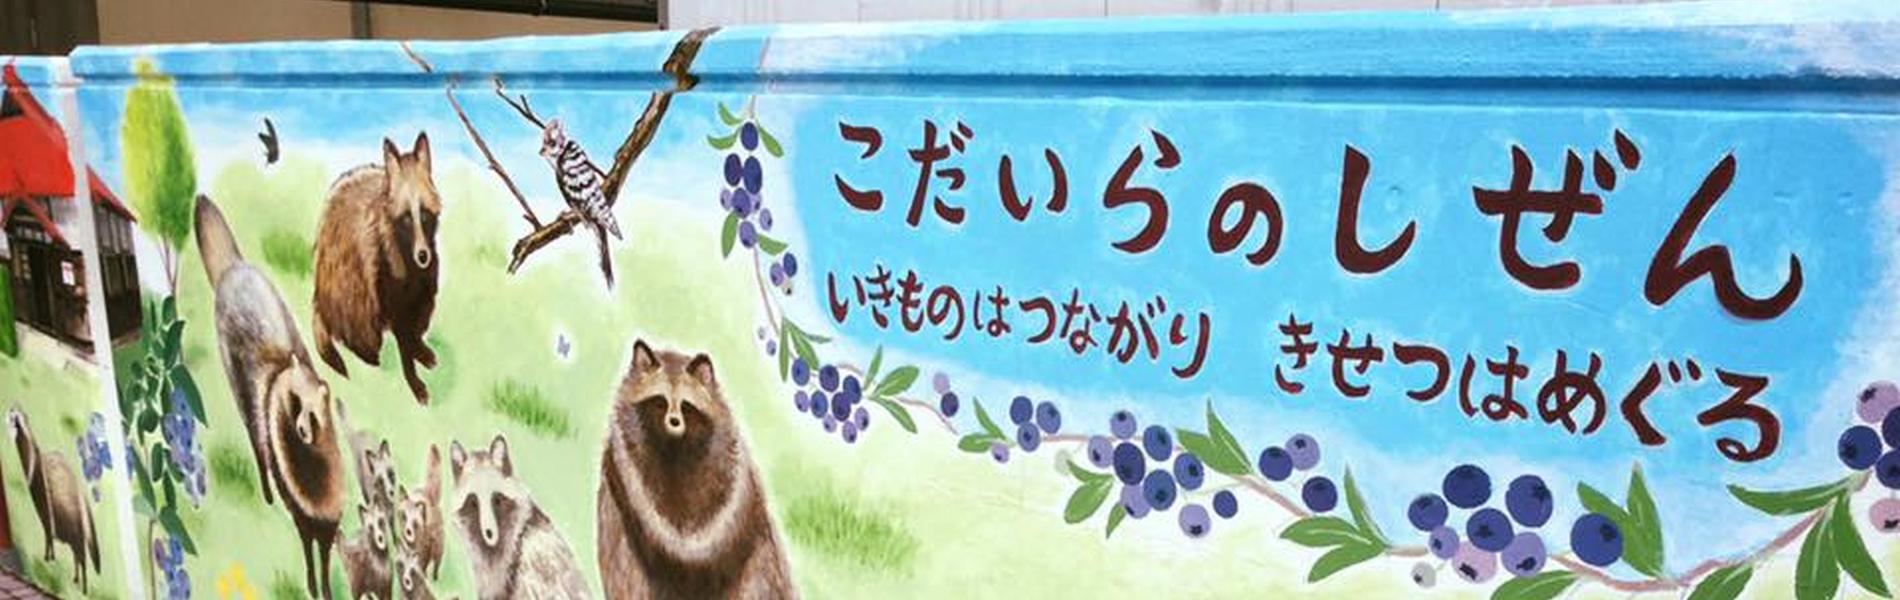 小平駅前ショッピングセンターの壁画